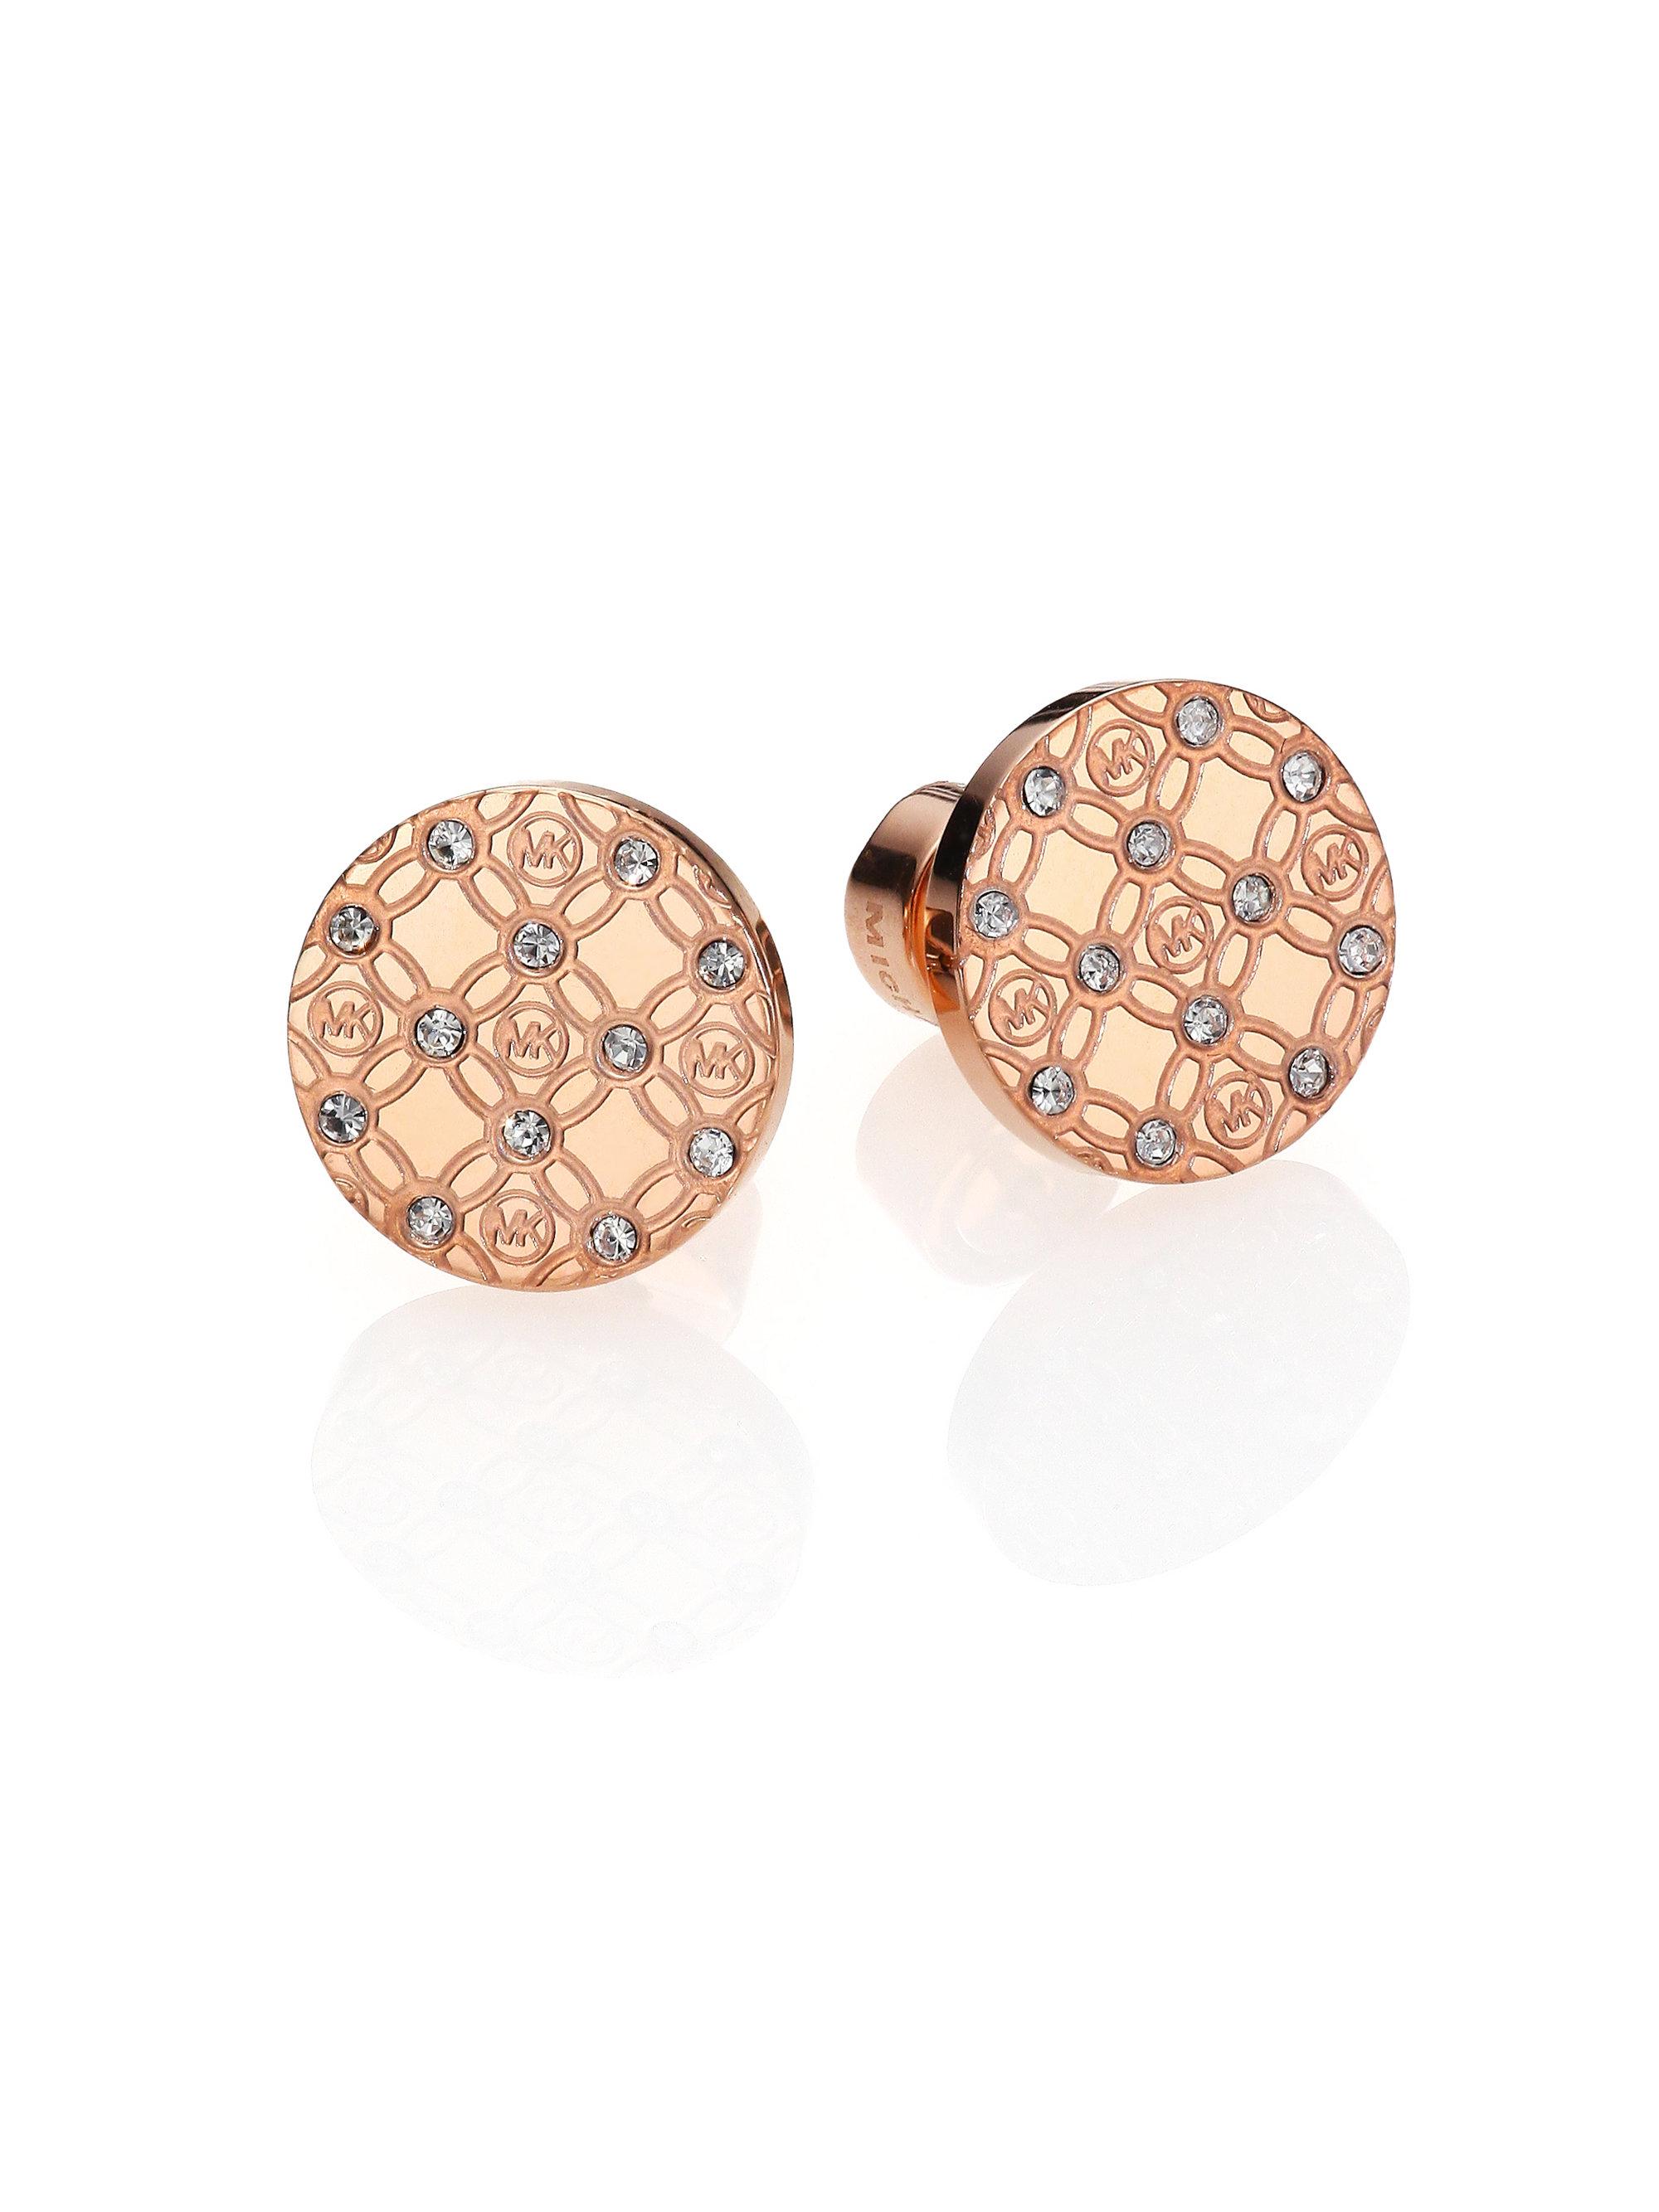 michael kors heritage monogram logo stud earrings  rose goldtone in pink